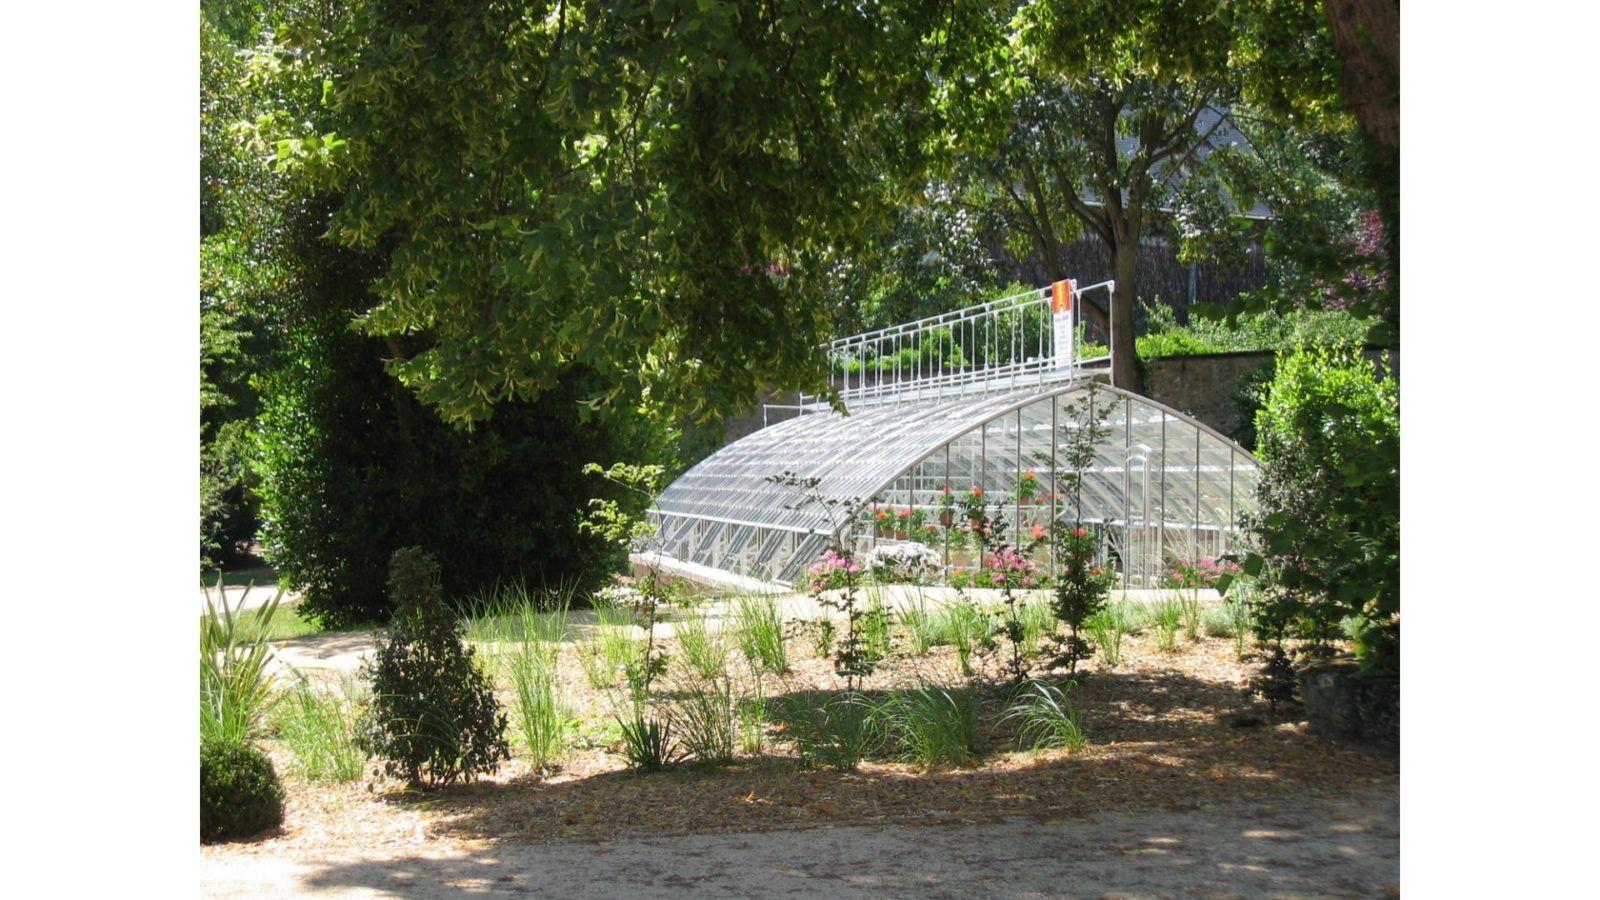 Parc du potager du Dauphin - Mutabilis